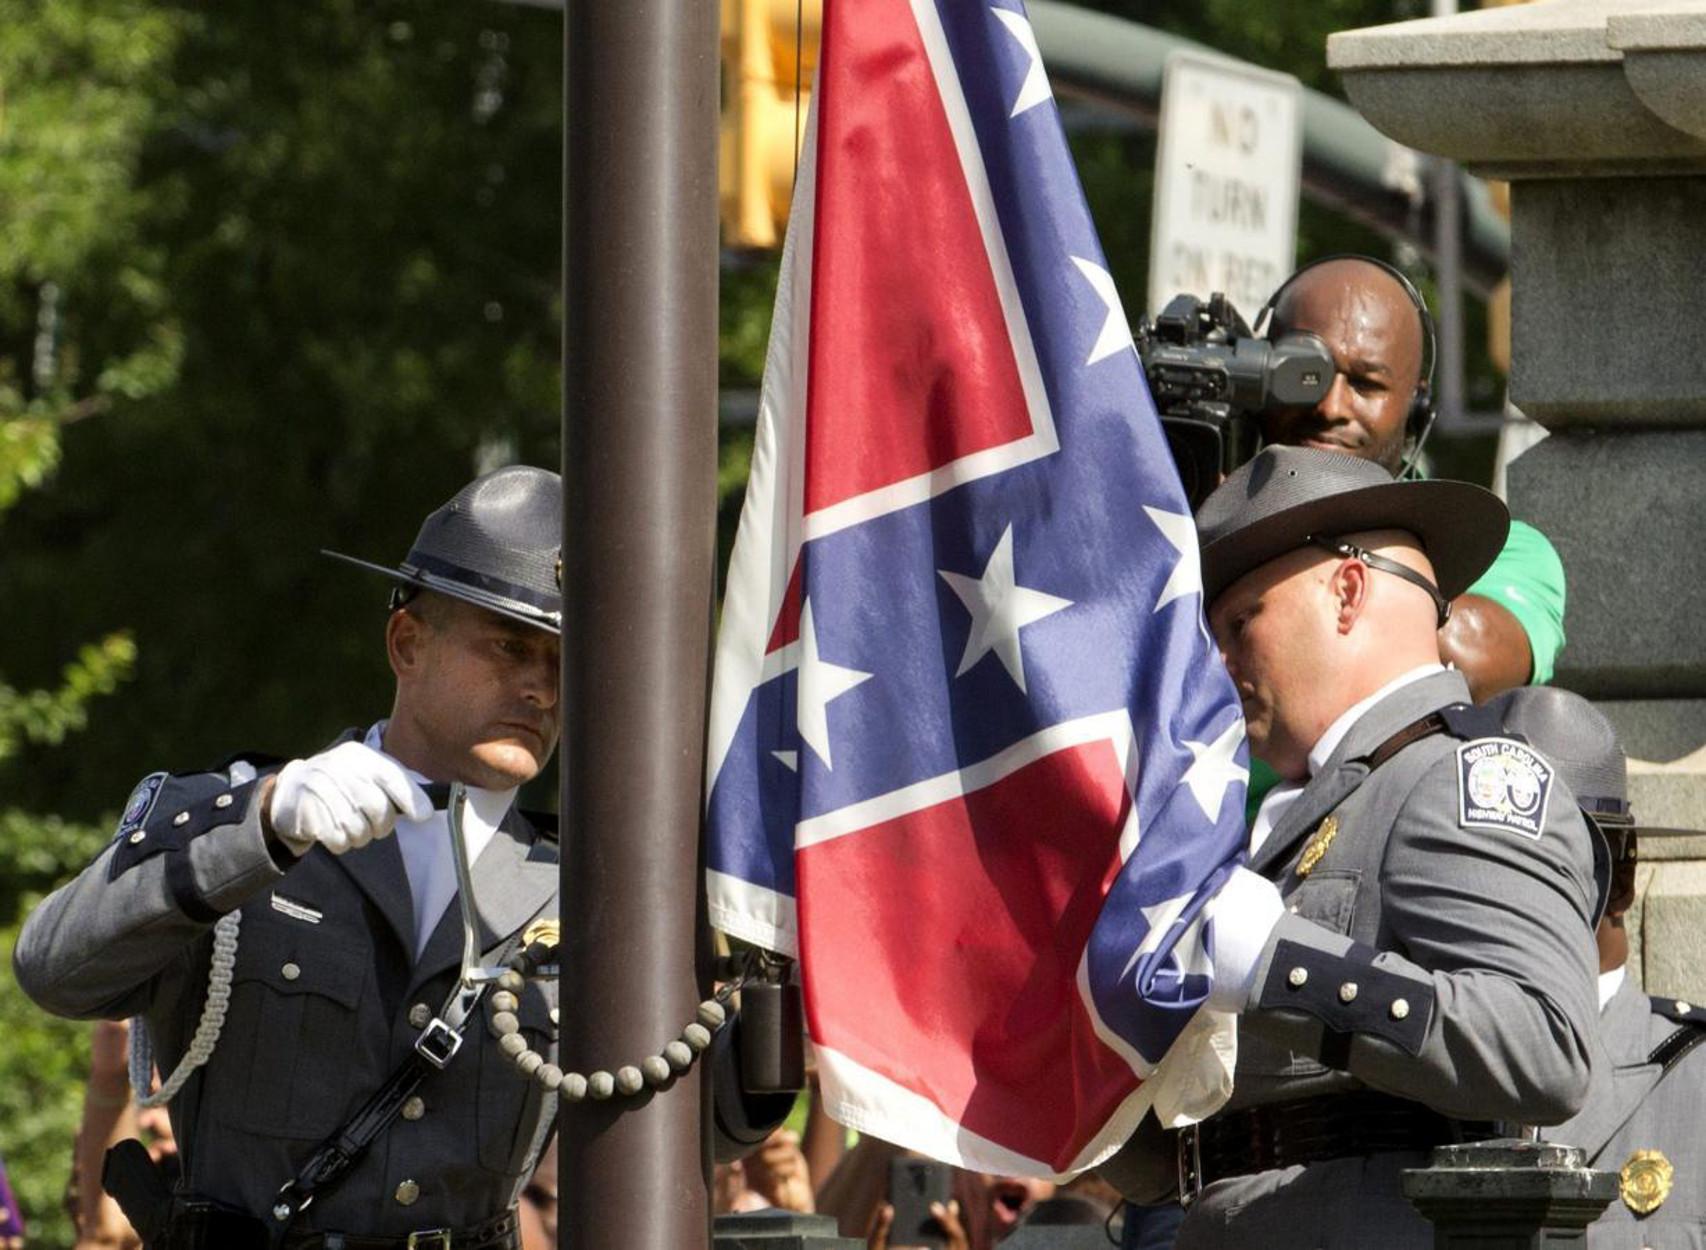 """ΗΠΑ: Το Πολεμικό Ναυτικό απαγορεύει τις σημαίες των """"νοτίων"""" στους χώρους του"""